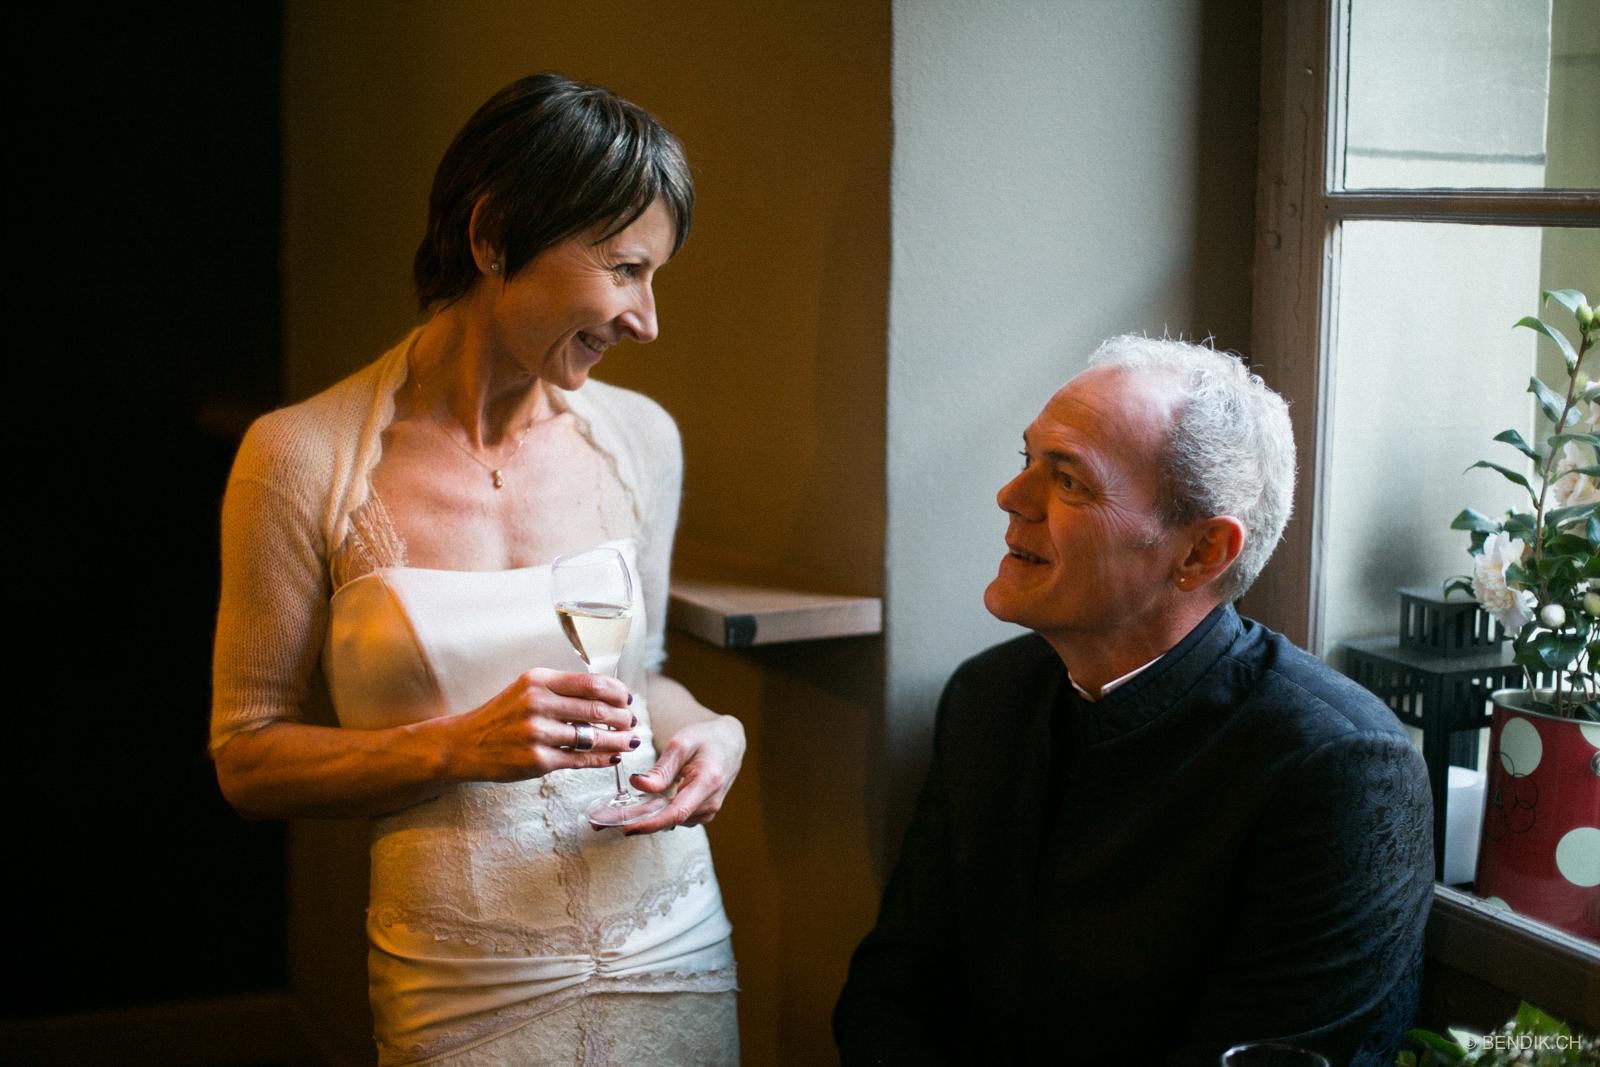 Brautpaar in angeregter Diskussion bei einem Glas Sekt